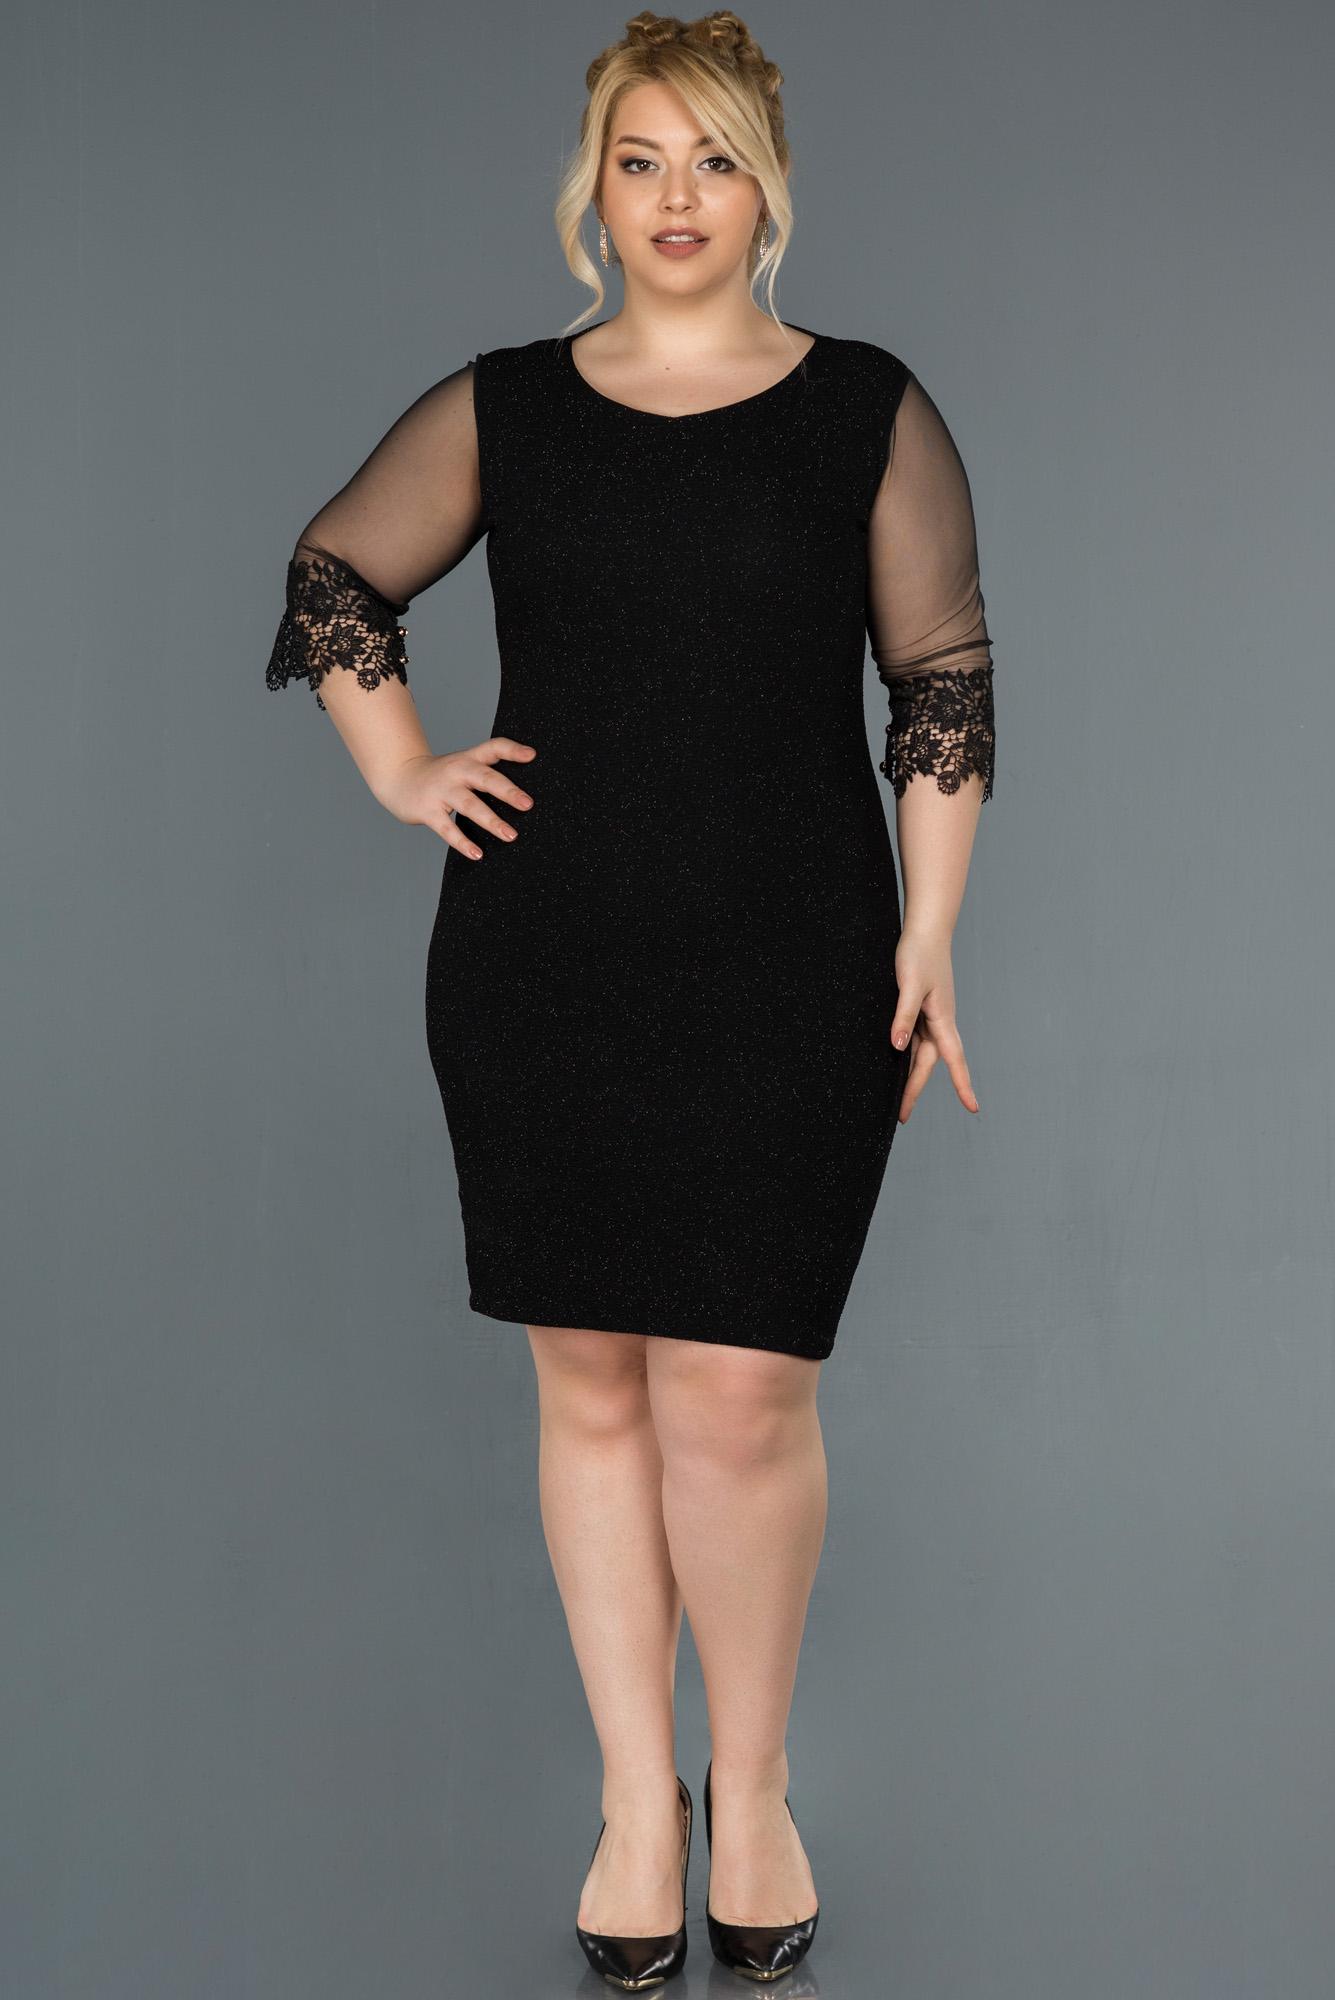 Kısa Siyah Simli Büyük Beden Elbise